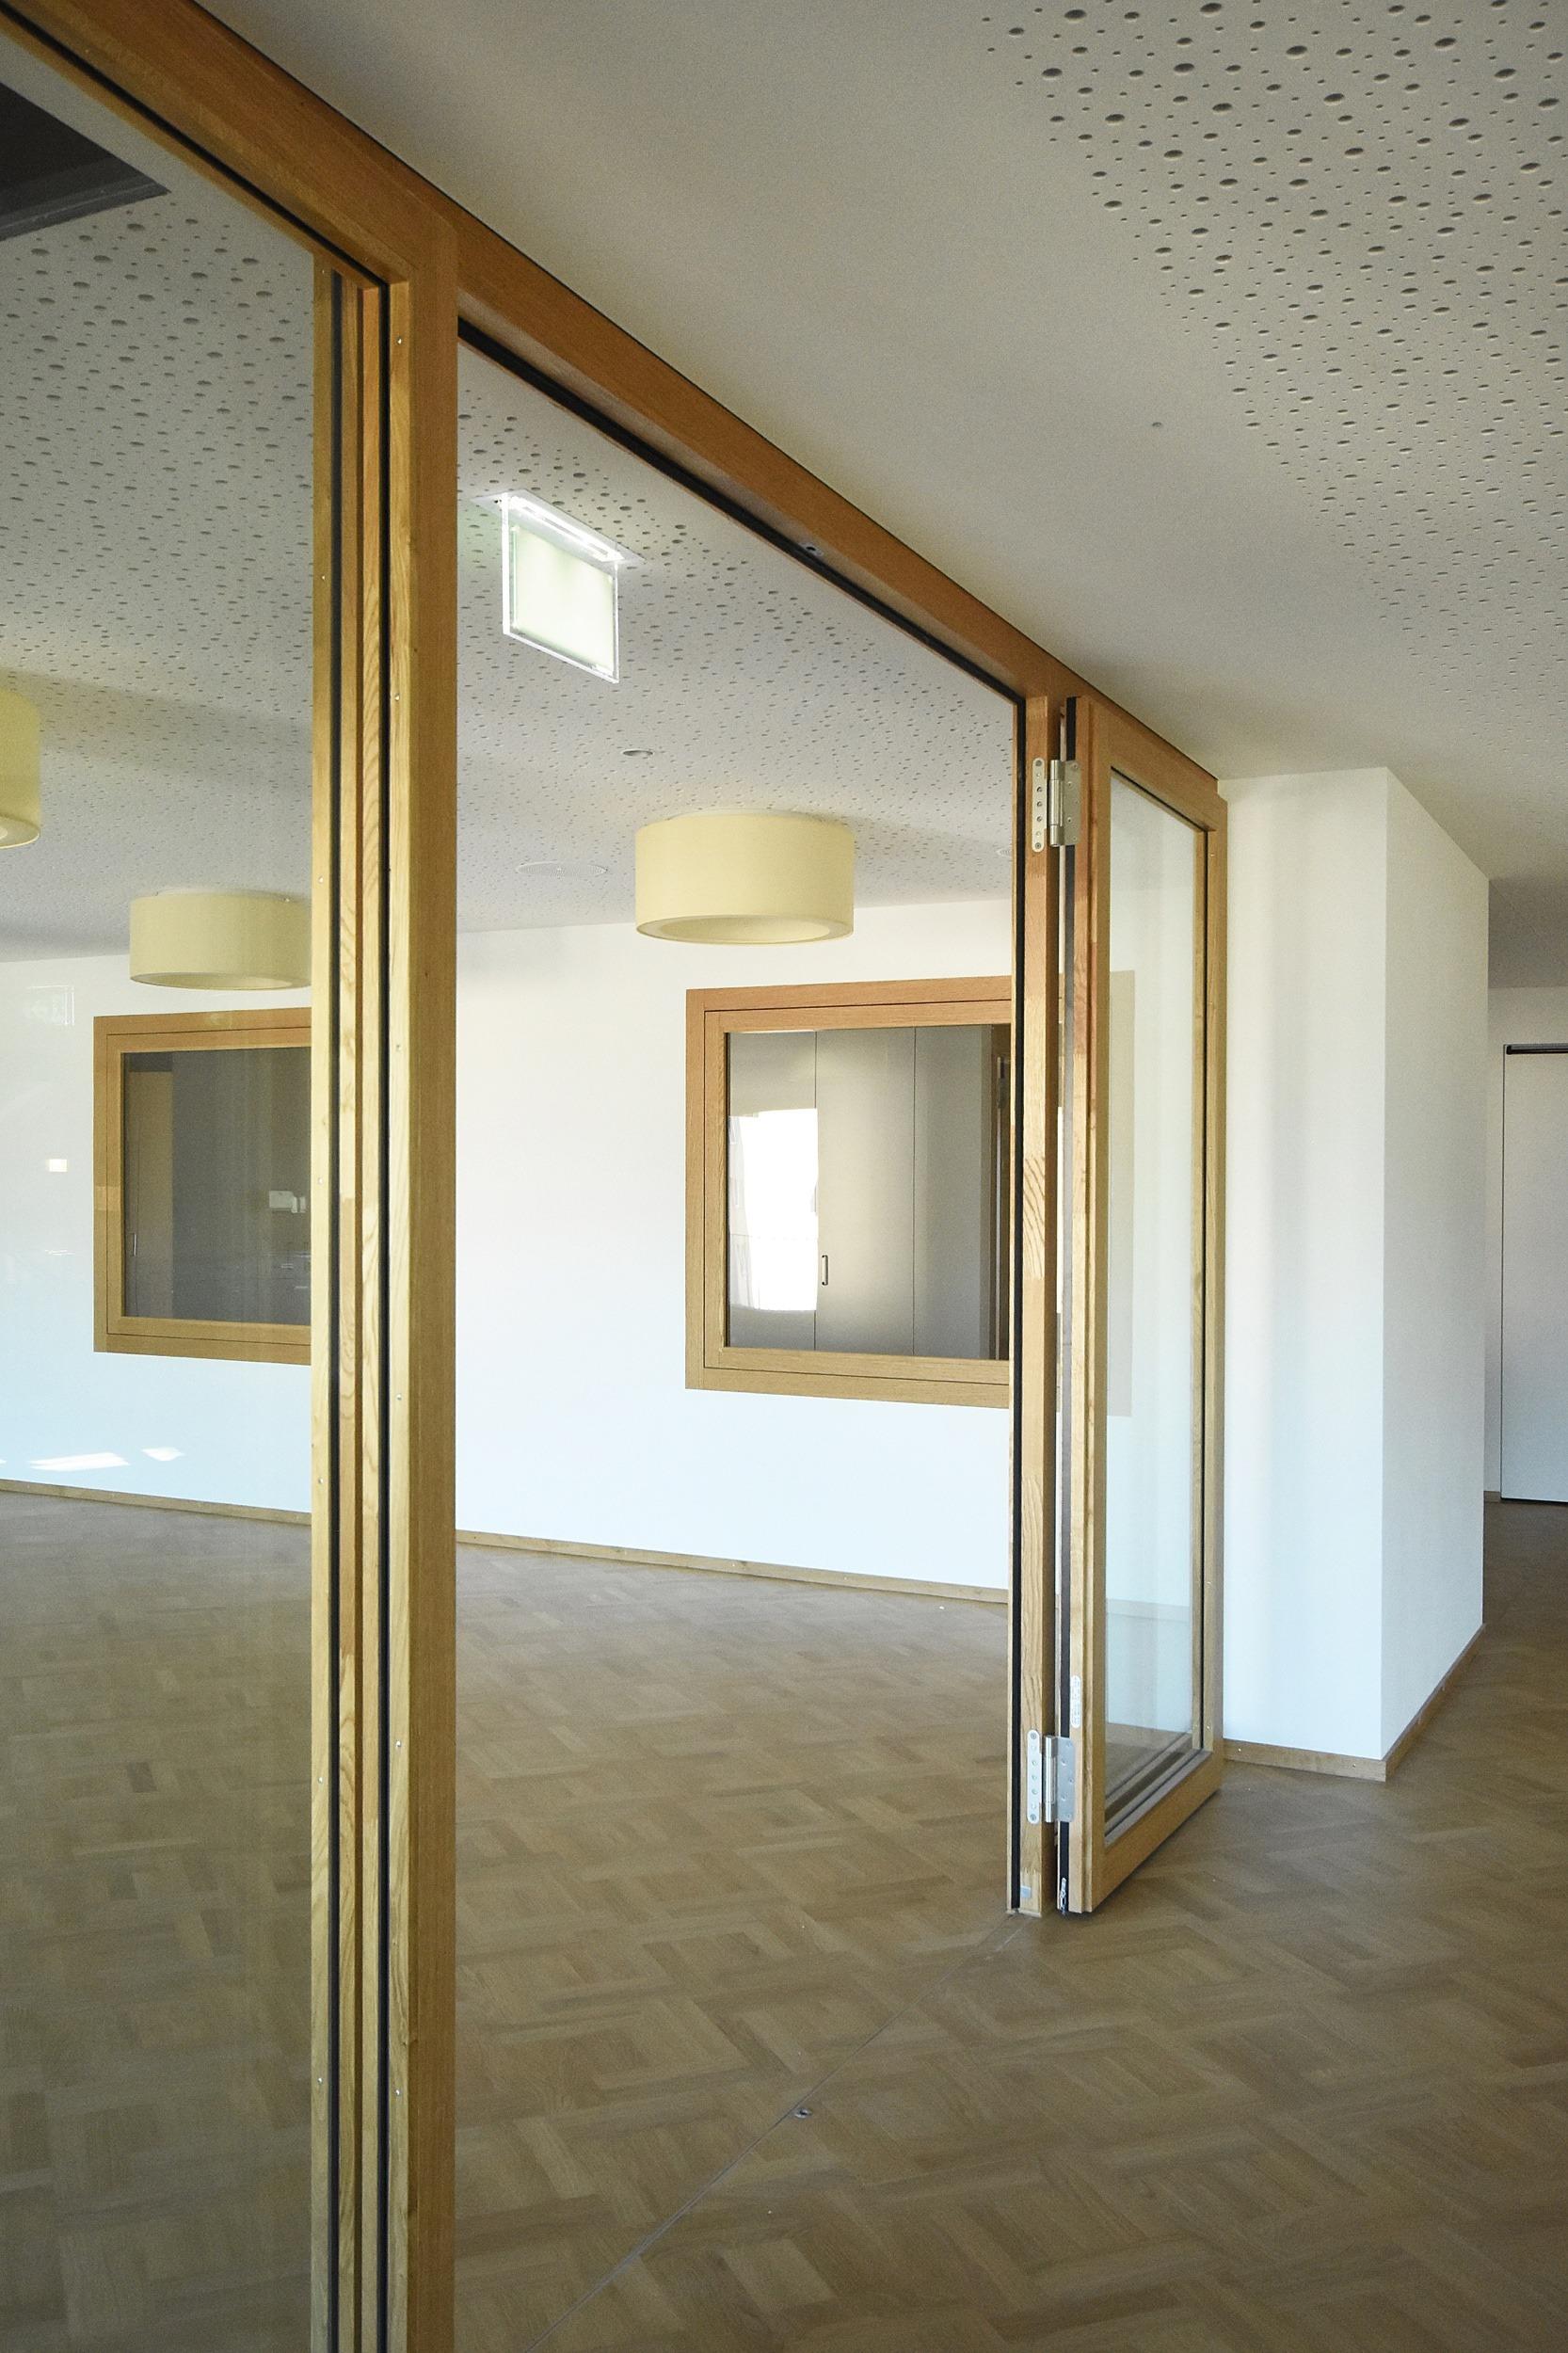 Fenstertuere_Framestar_Alterszentrum_Rubiswil_07